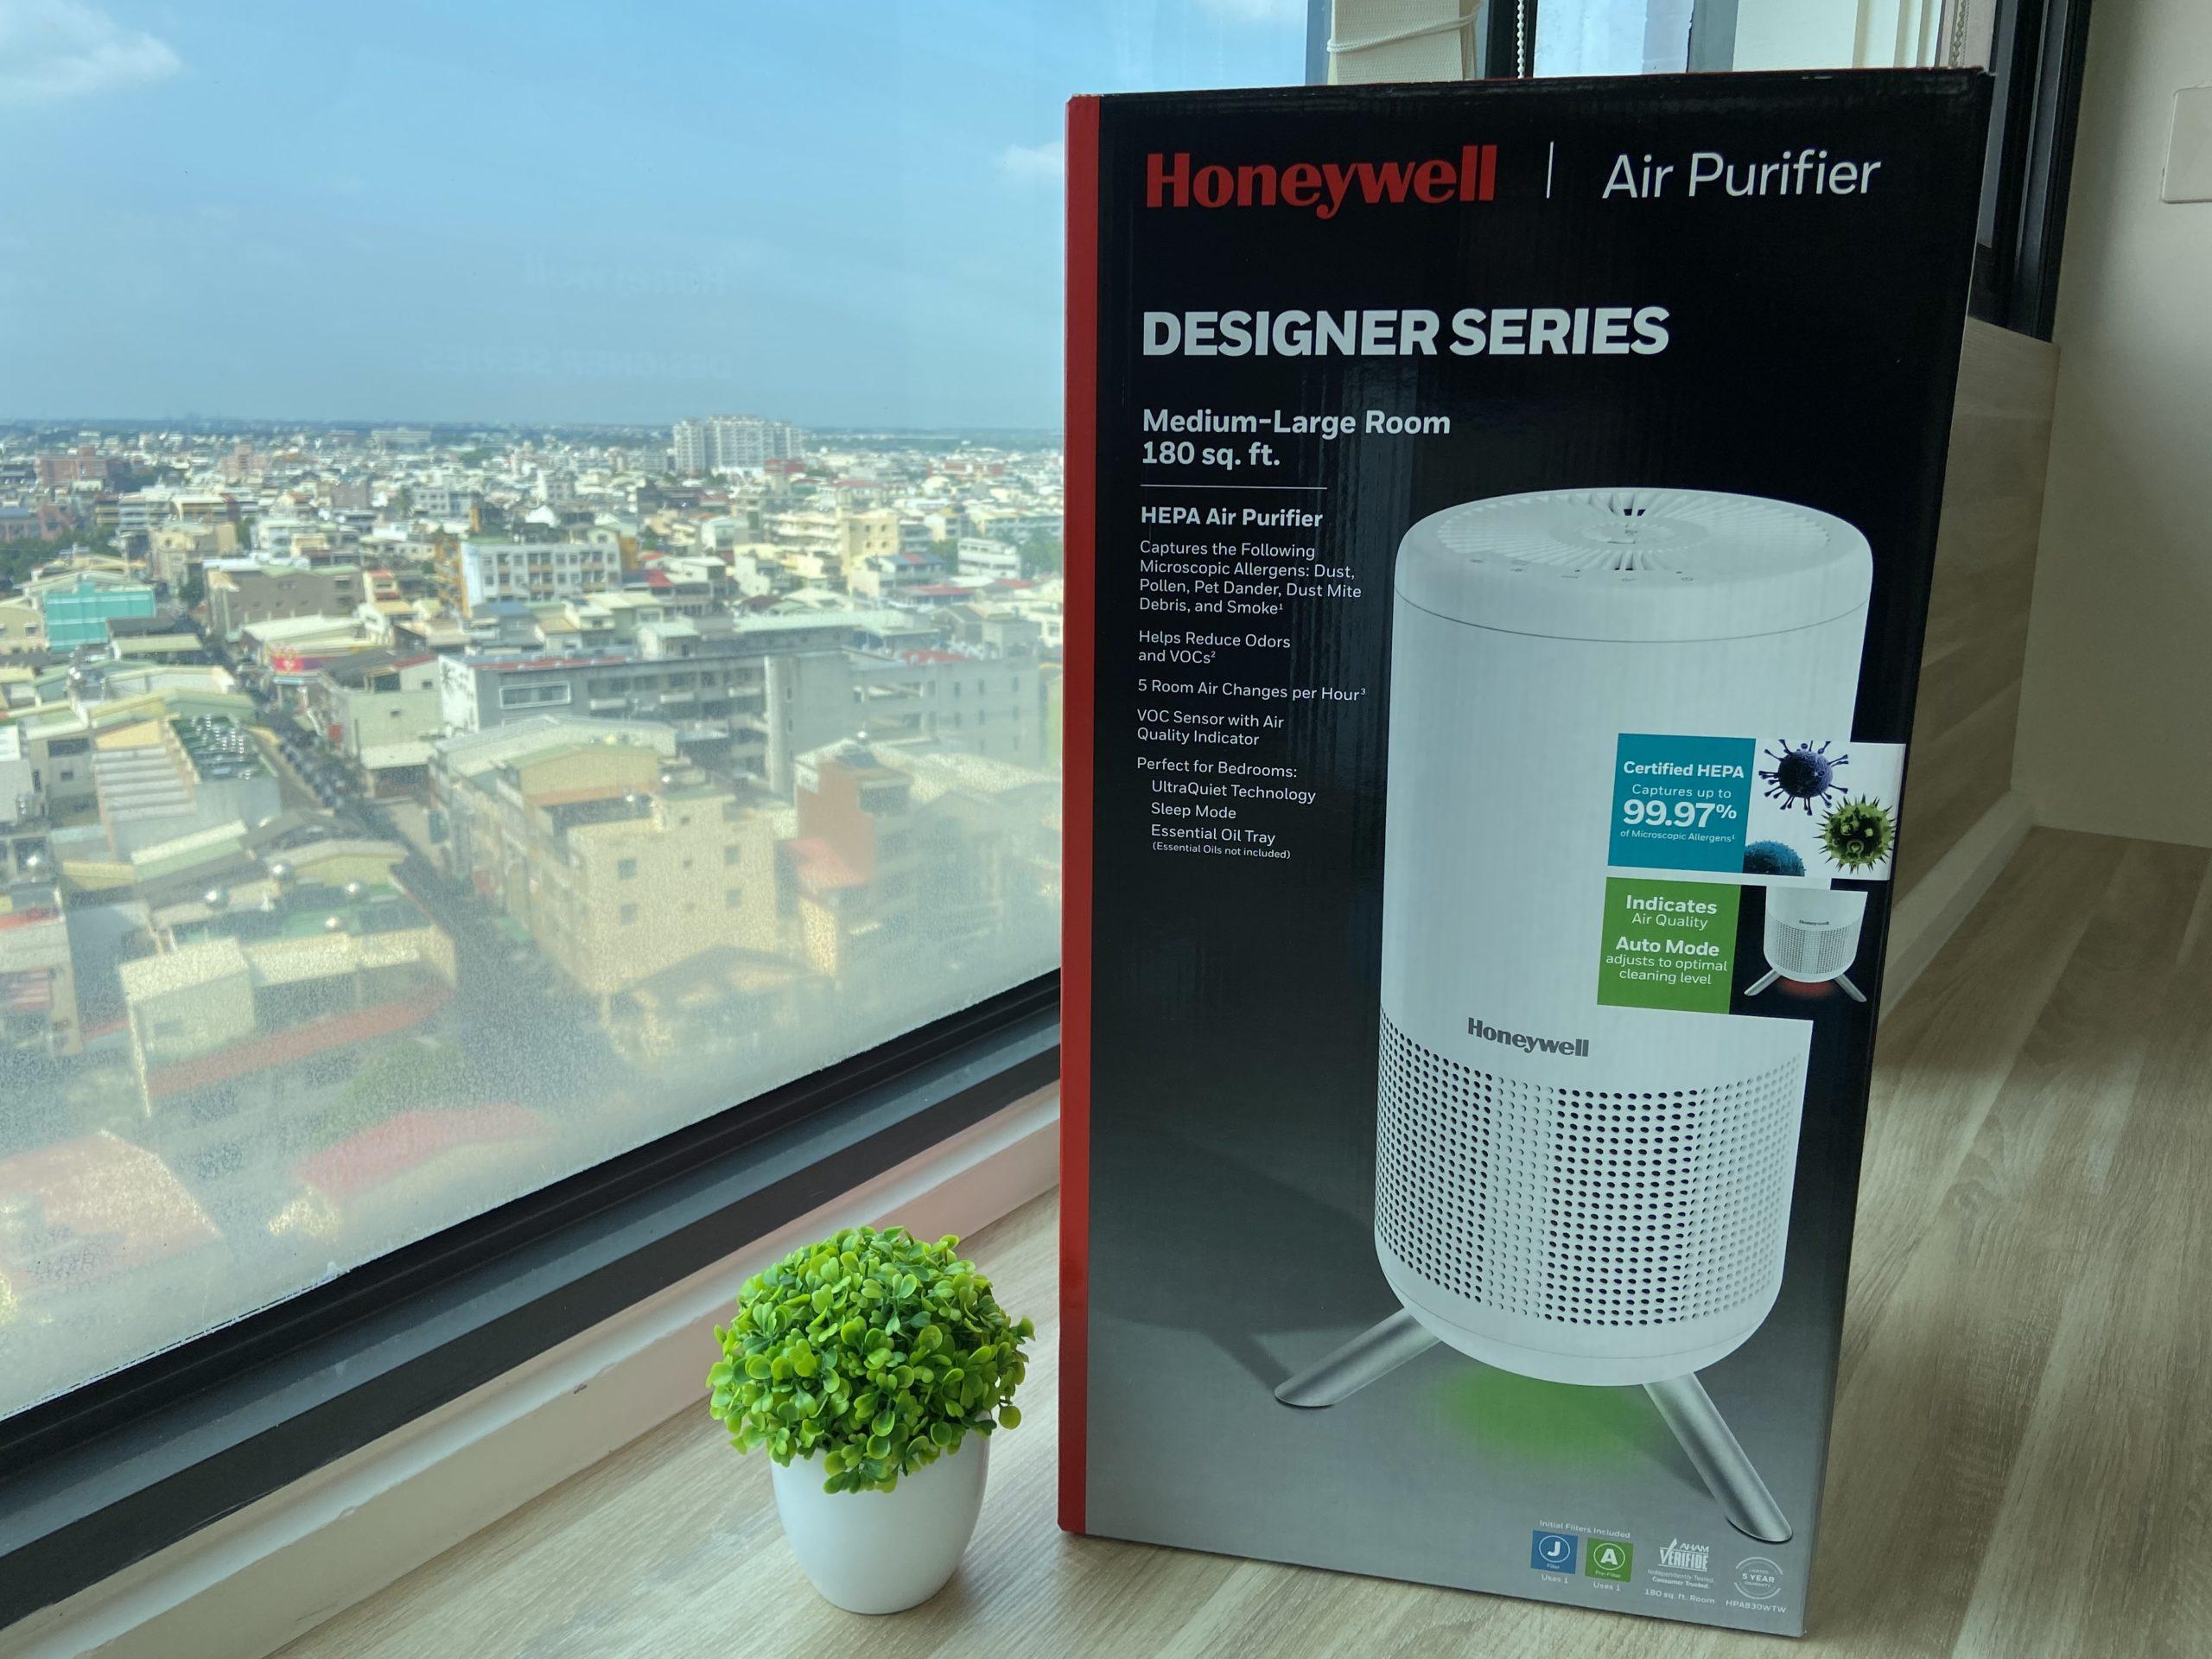 Honeywell HPA 830 淨香氛空氣清淨機 包裝封面